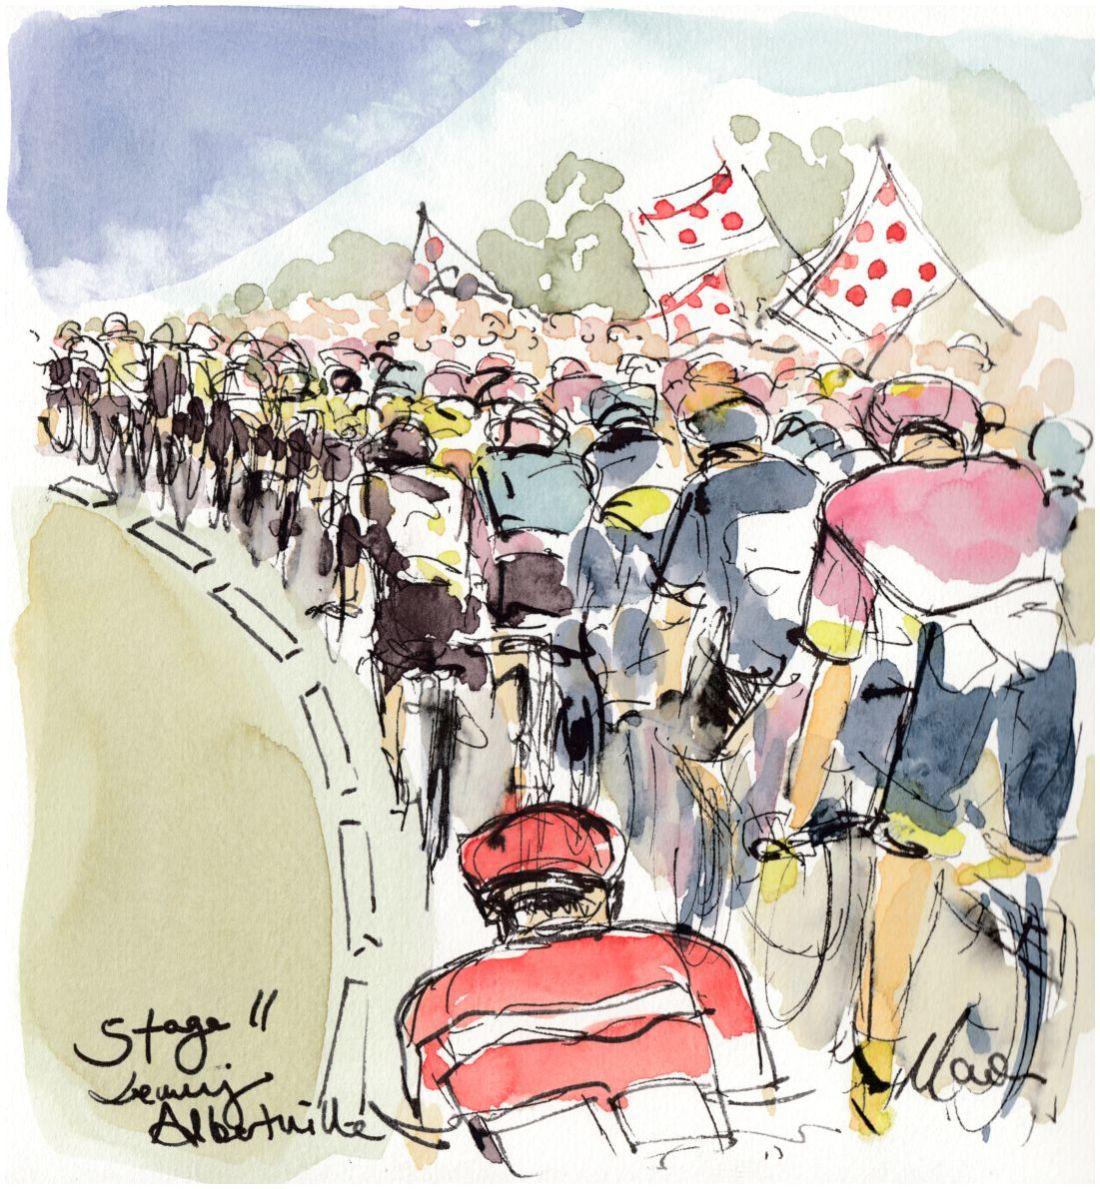 Cycling art, Tour de France, Stage 11, Leaving Albertville